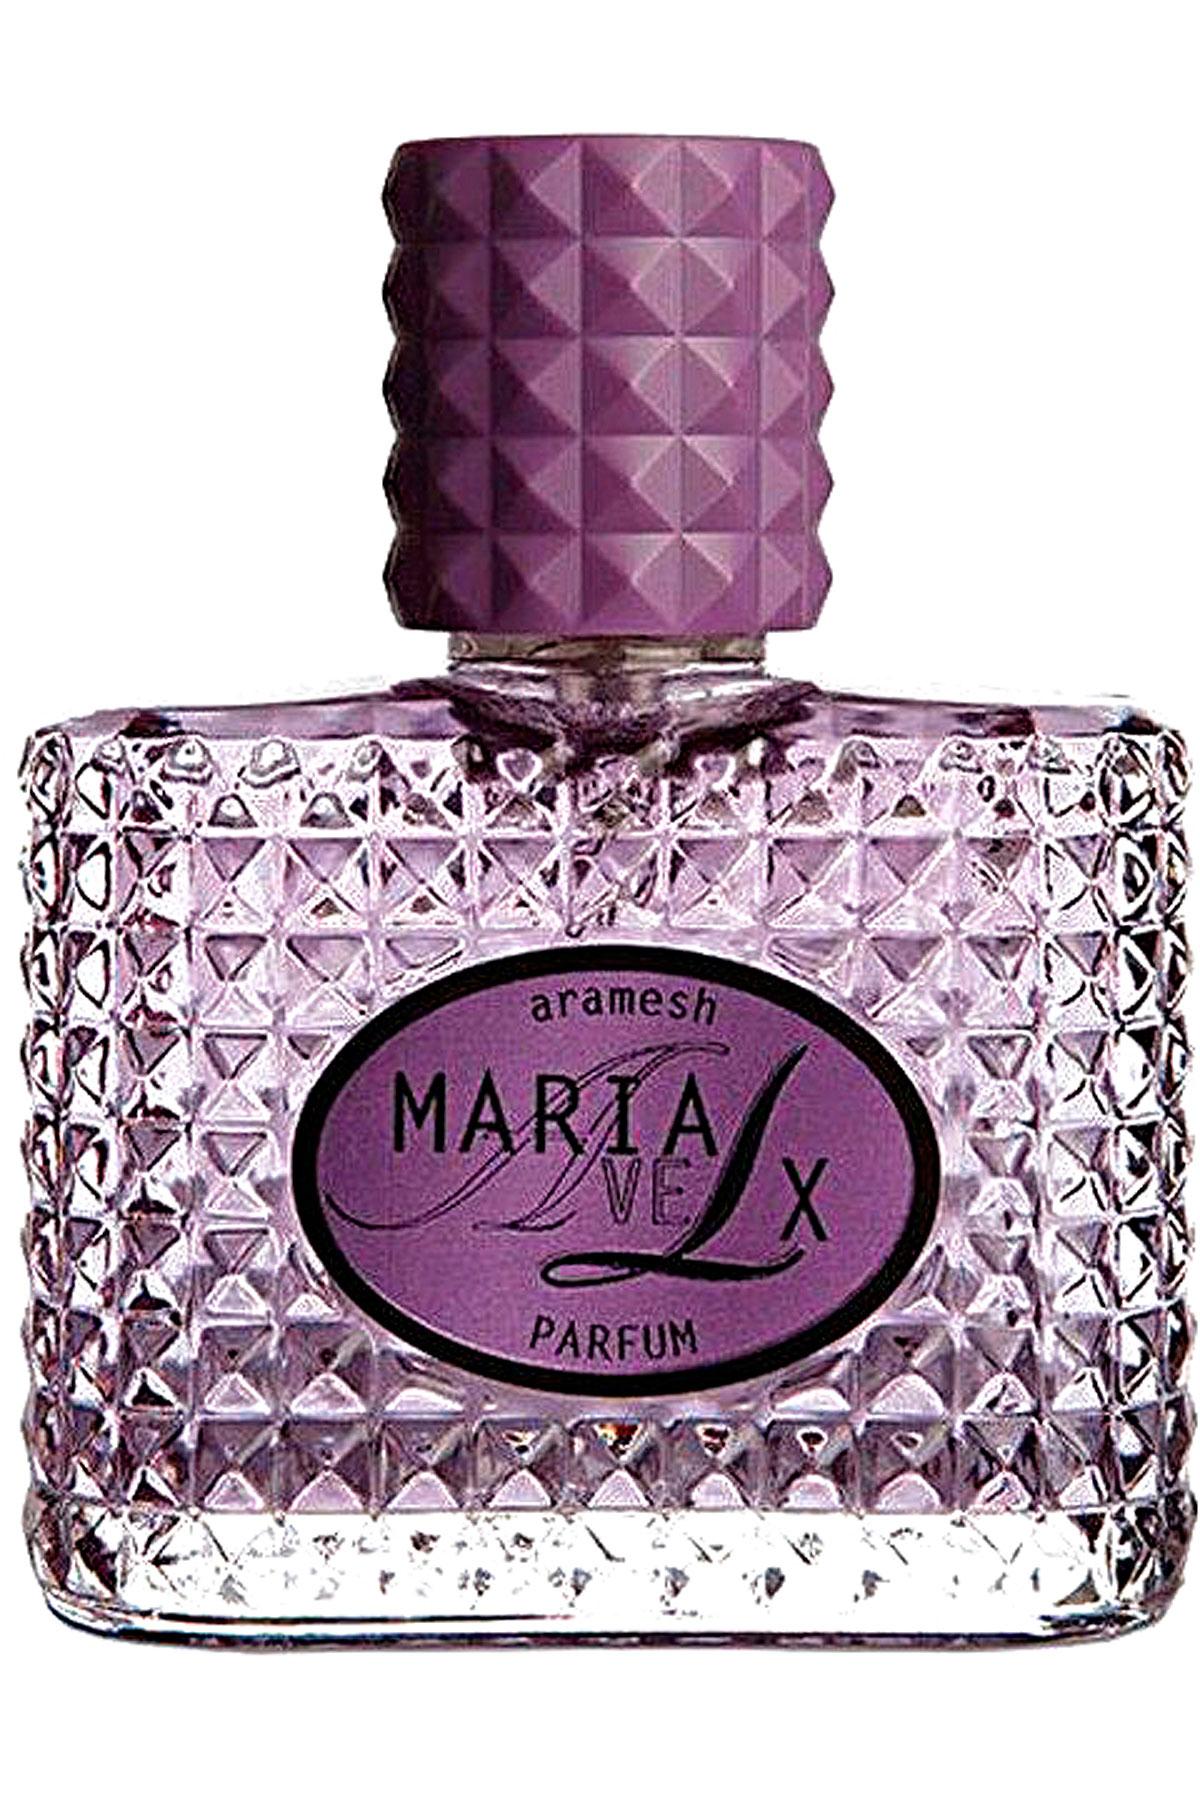 MariaLux Fragrances for Women On Sale, Aramesh - Eau De Parfum - 60 Ml, 2019, 60 ml